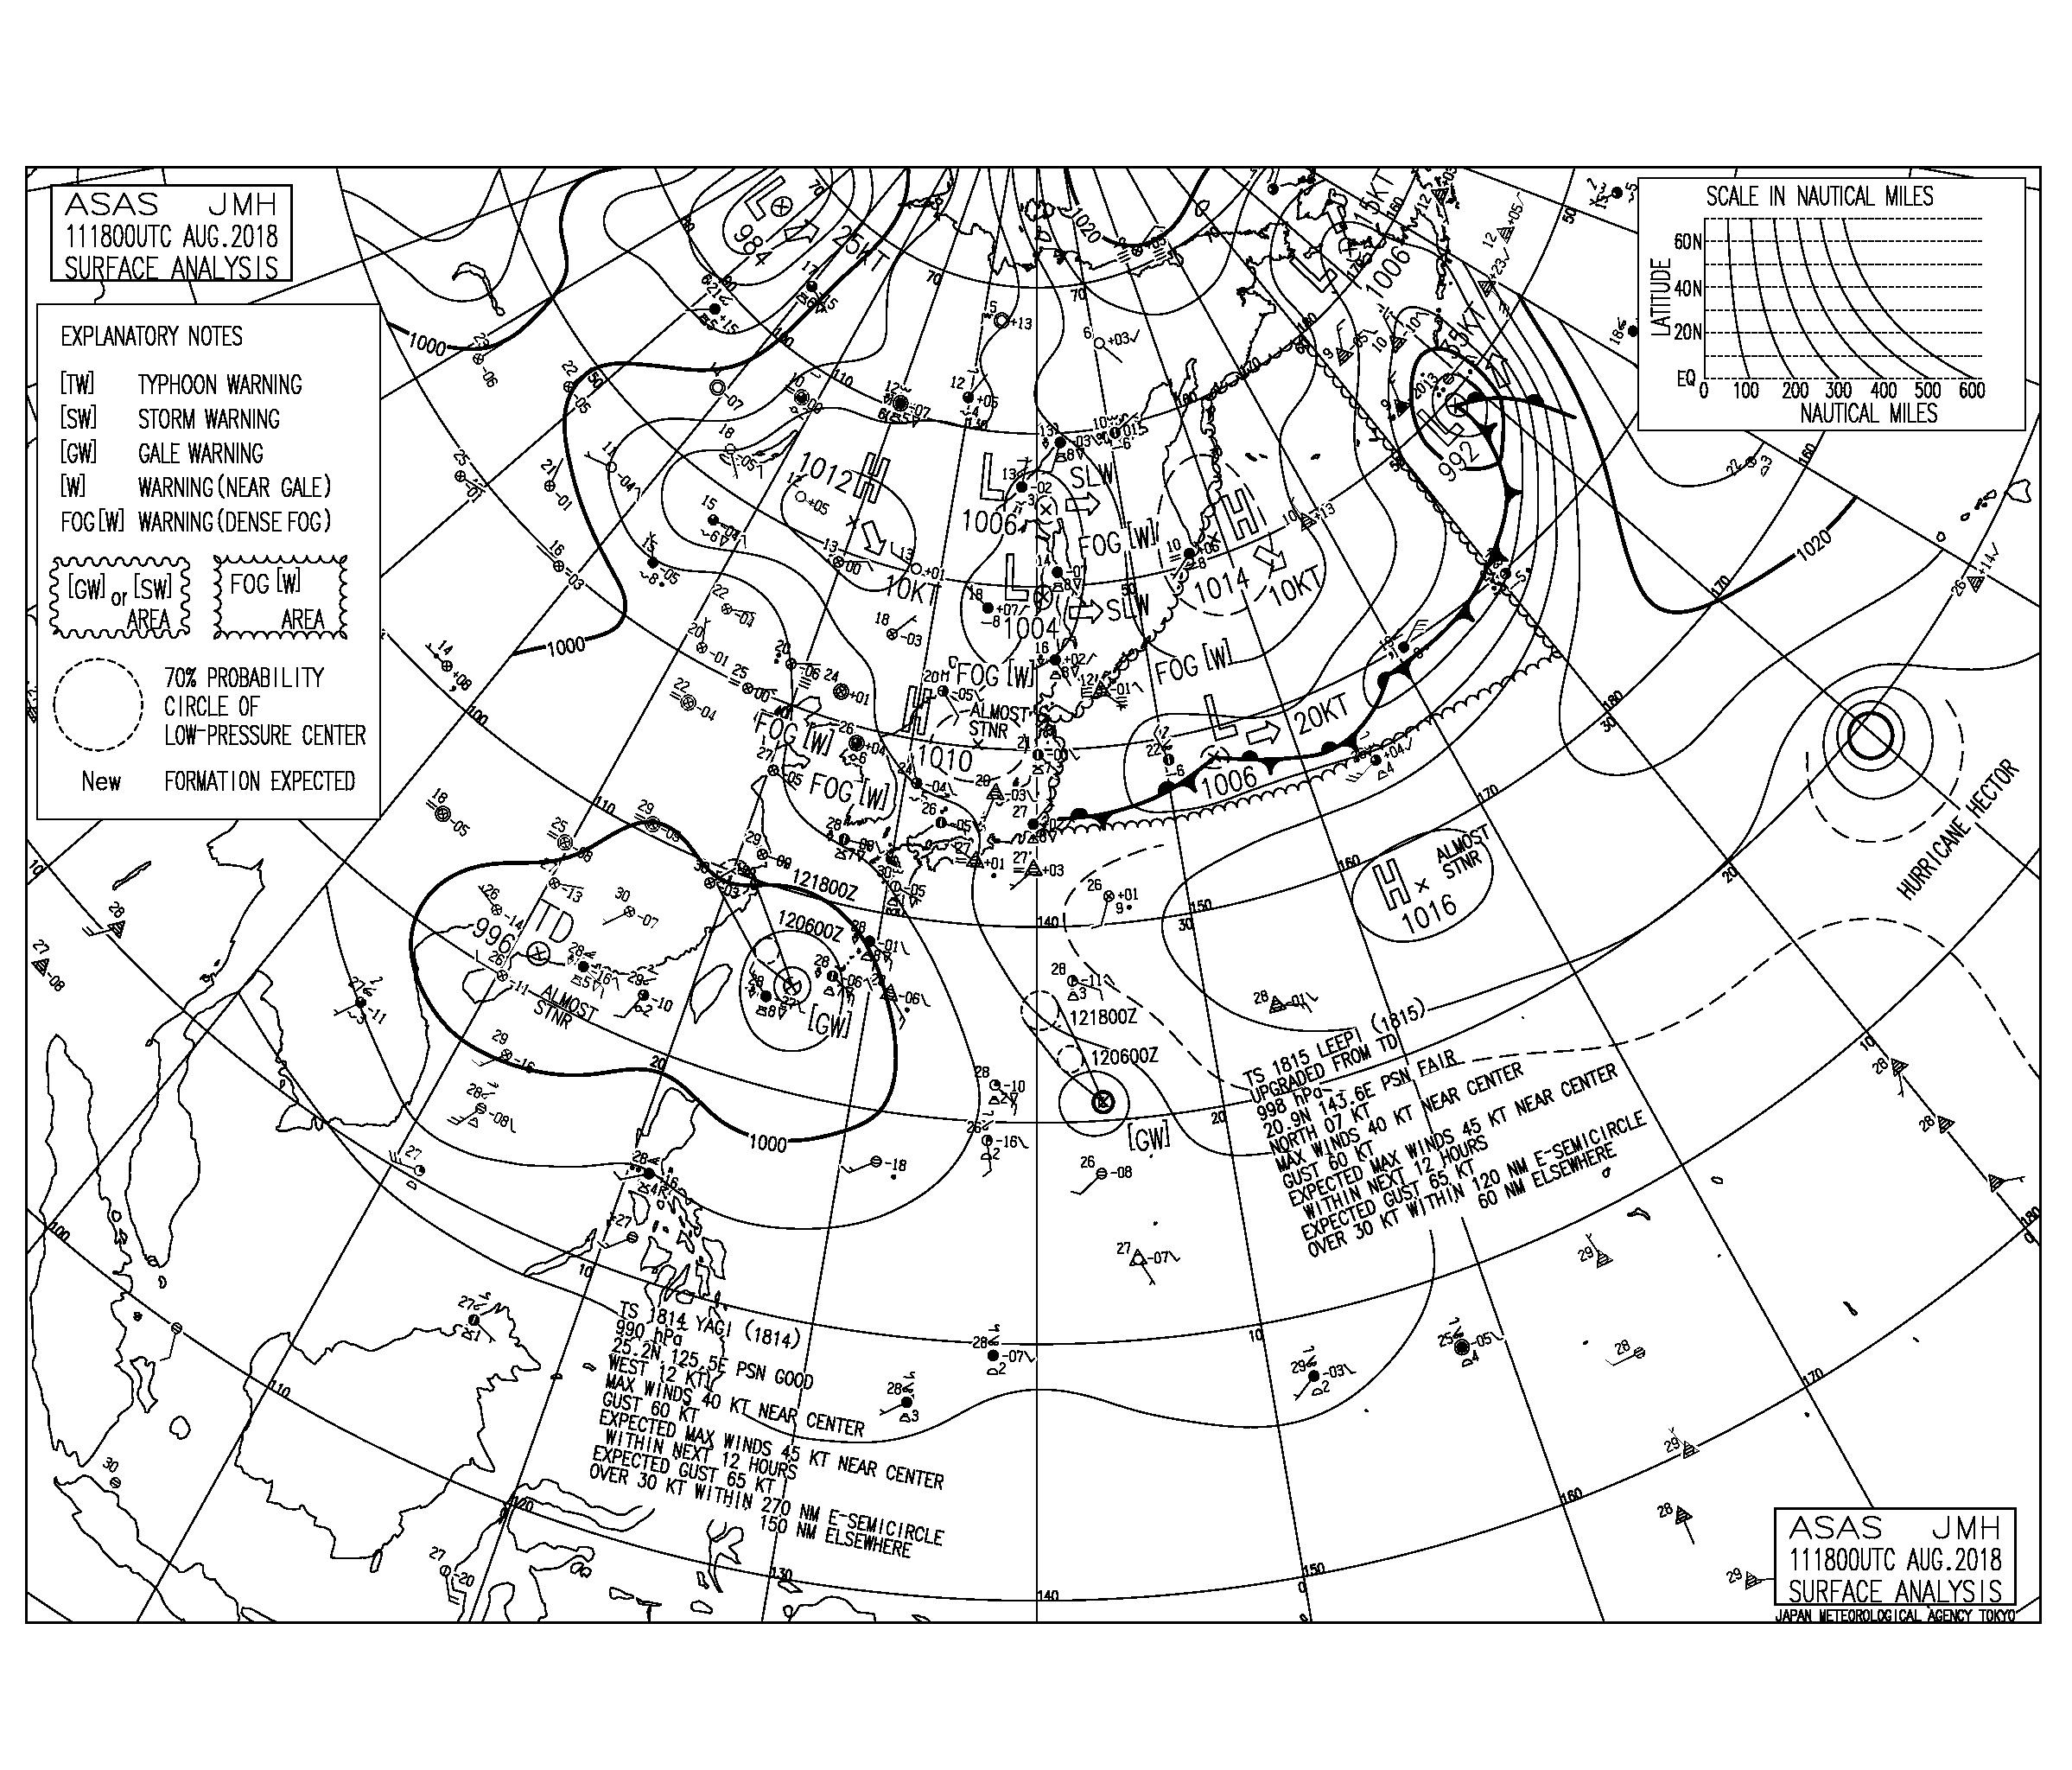 8/12 3:00 ASAS 気圧配置と波情報〜台風15号が発生、大気の状態が不安定なので雷に要注意